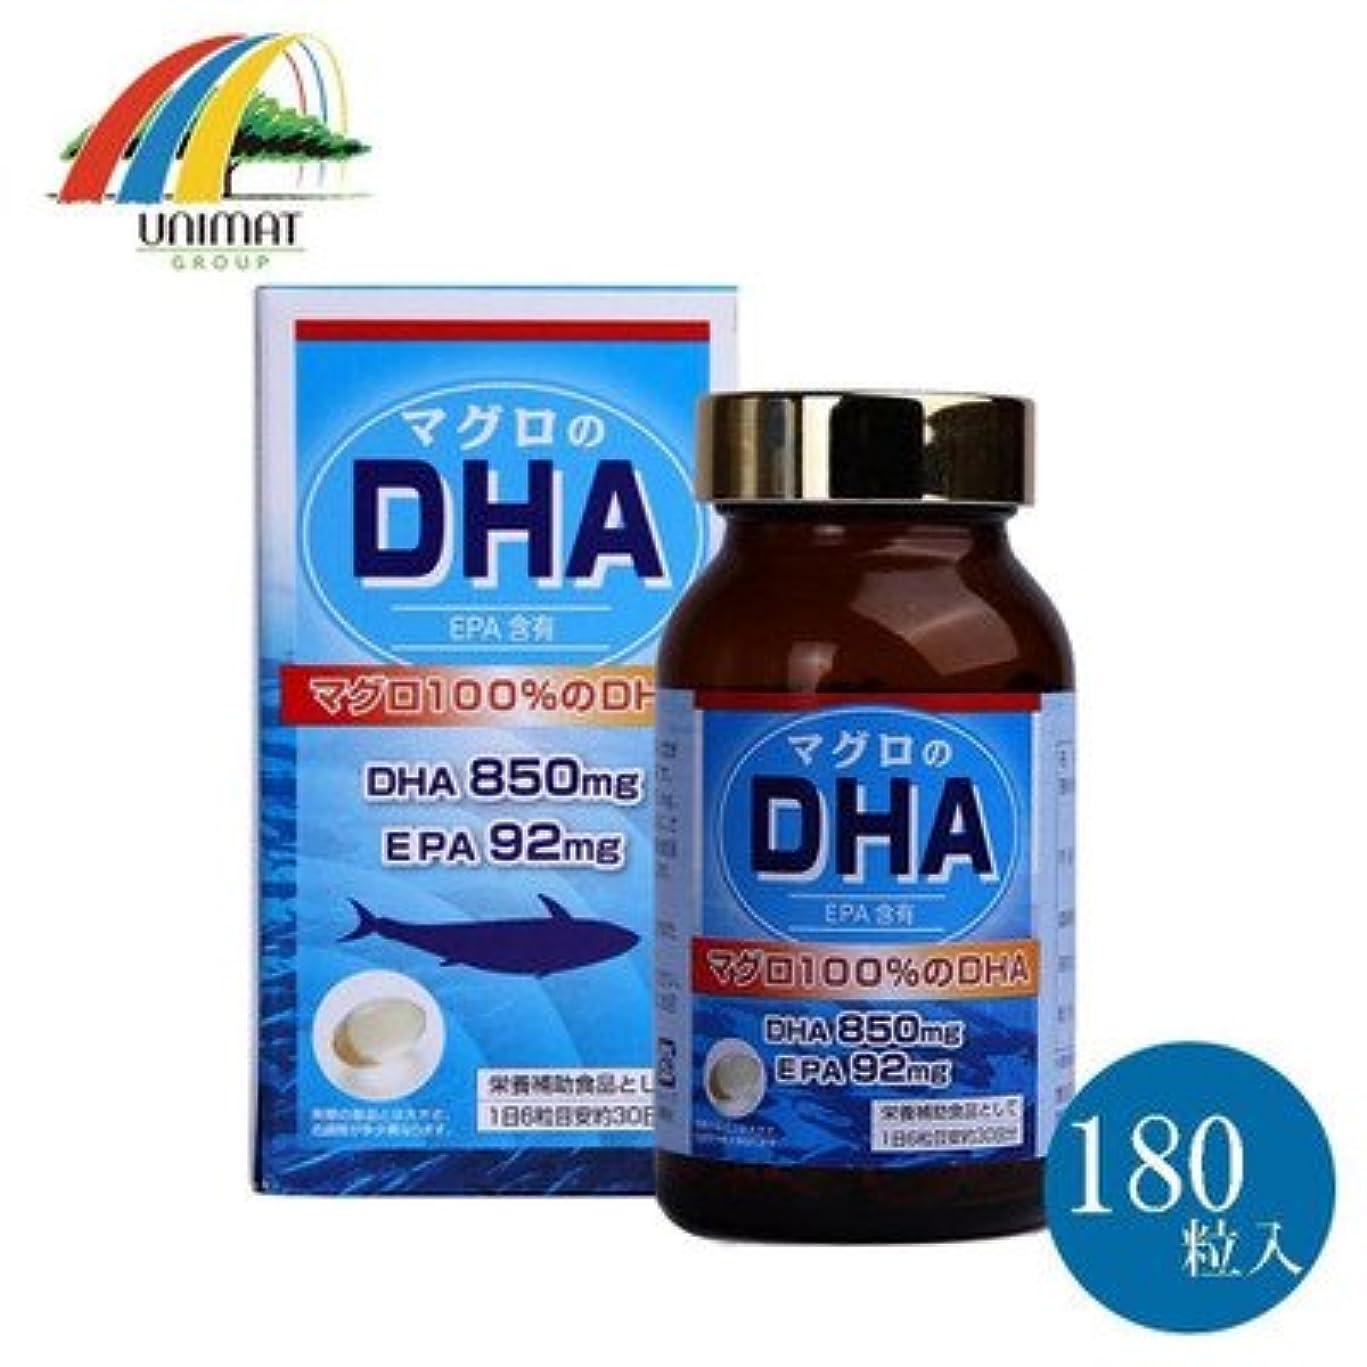 収益解くインセンティブユニマットリケン DHA850 180粒 671850